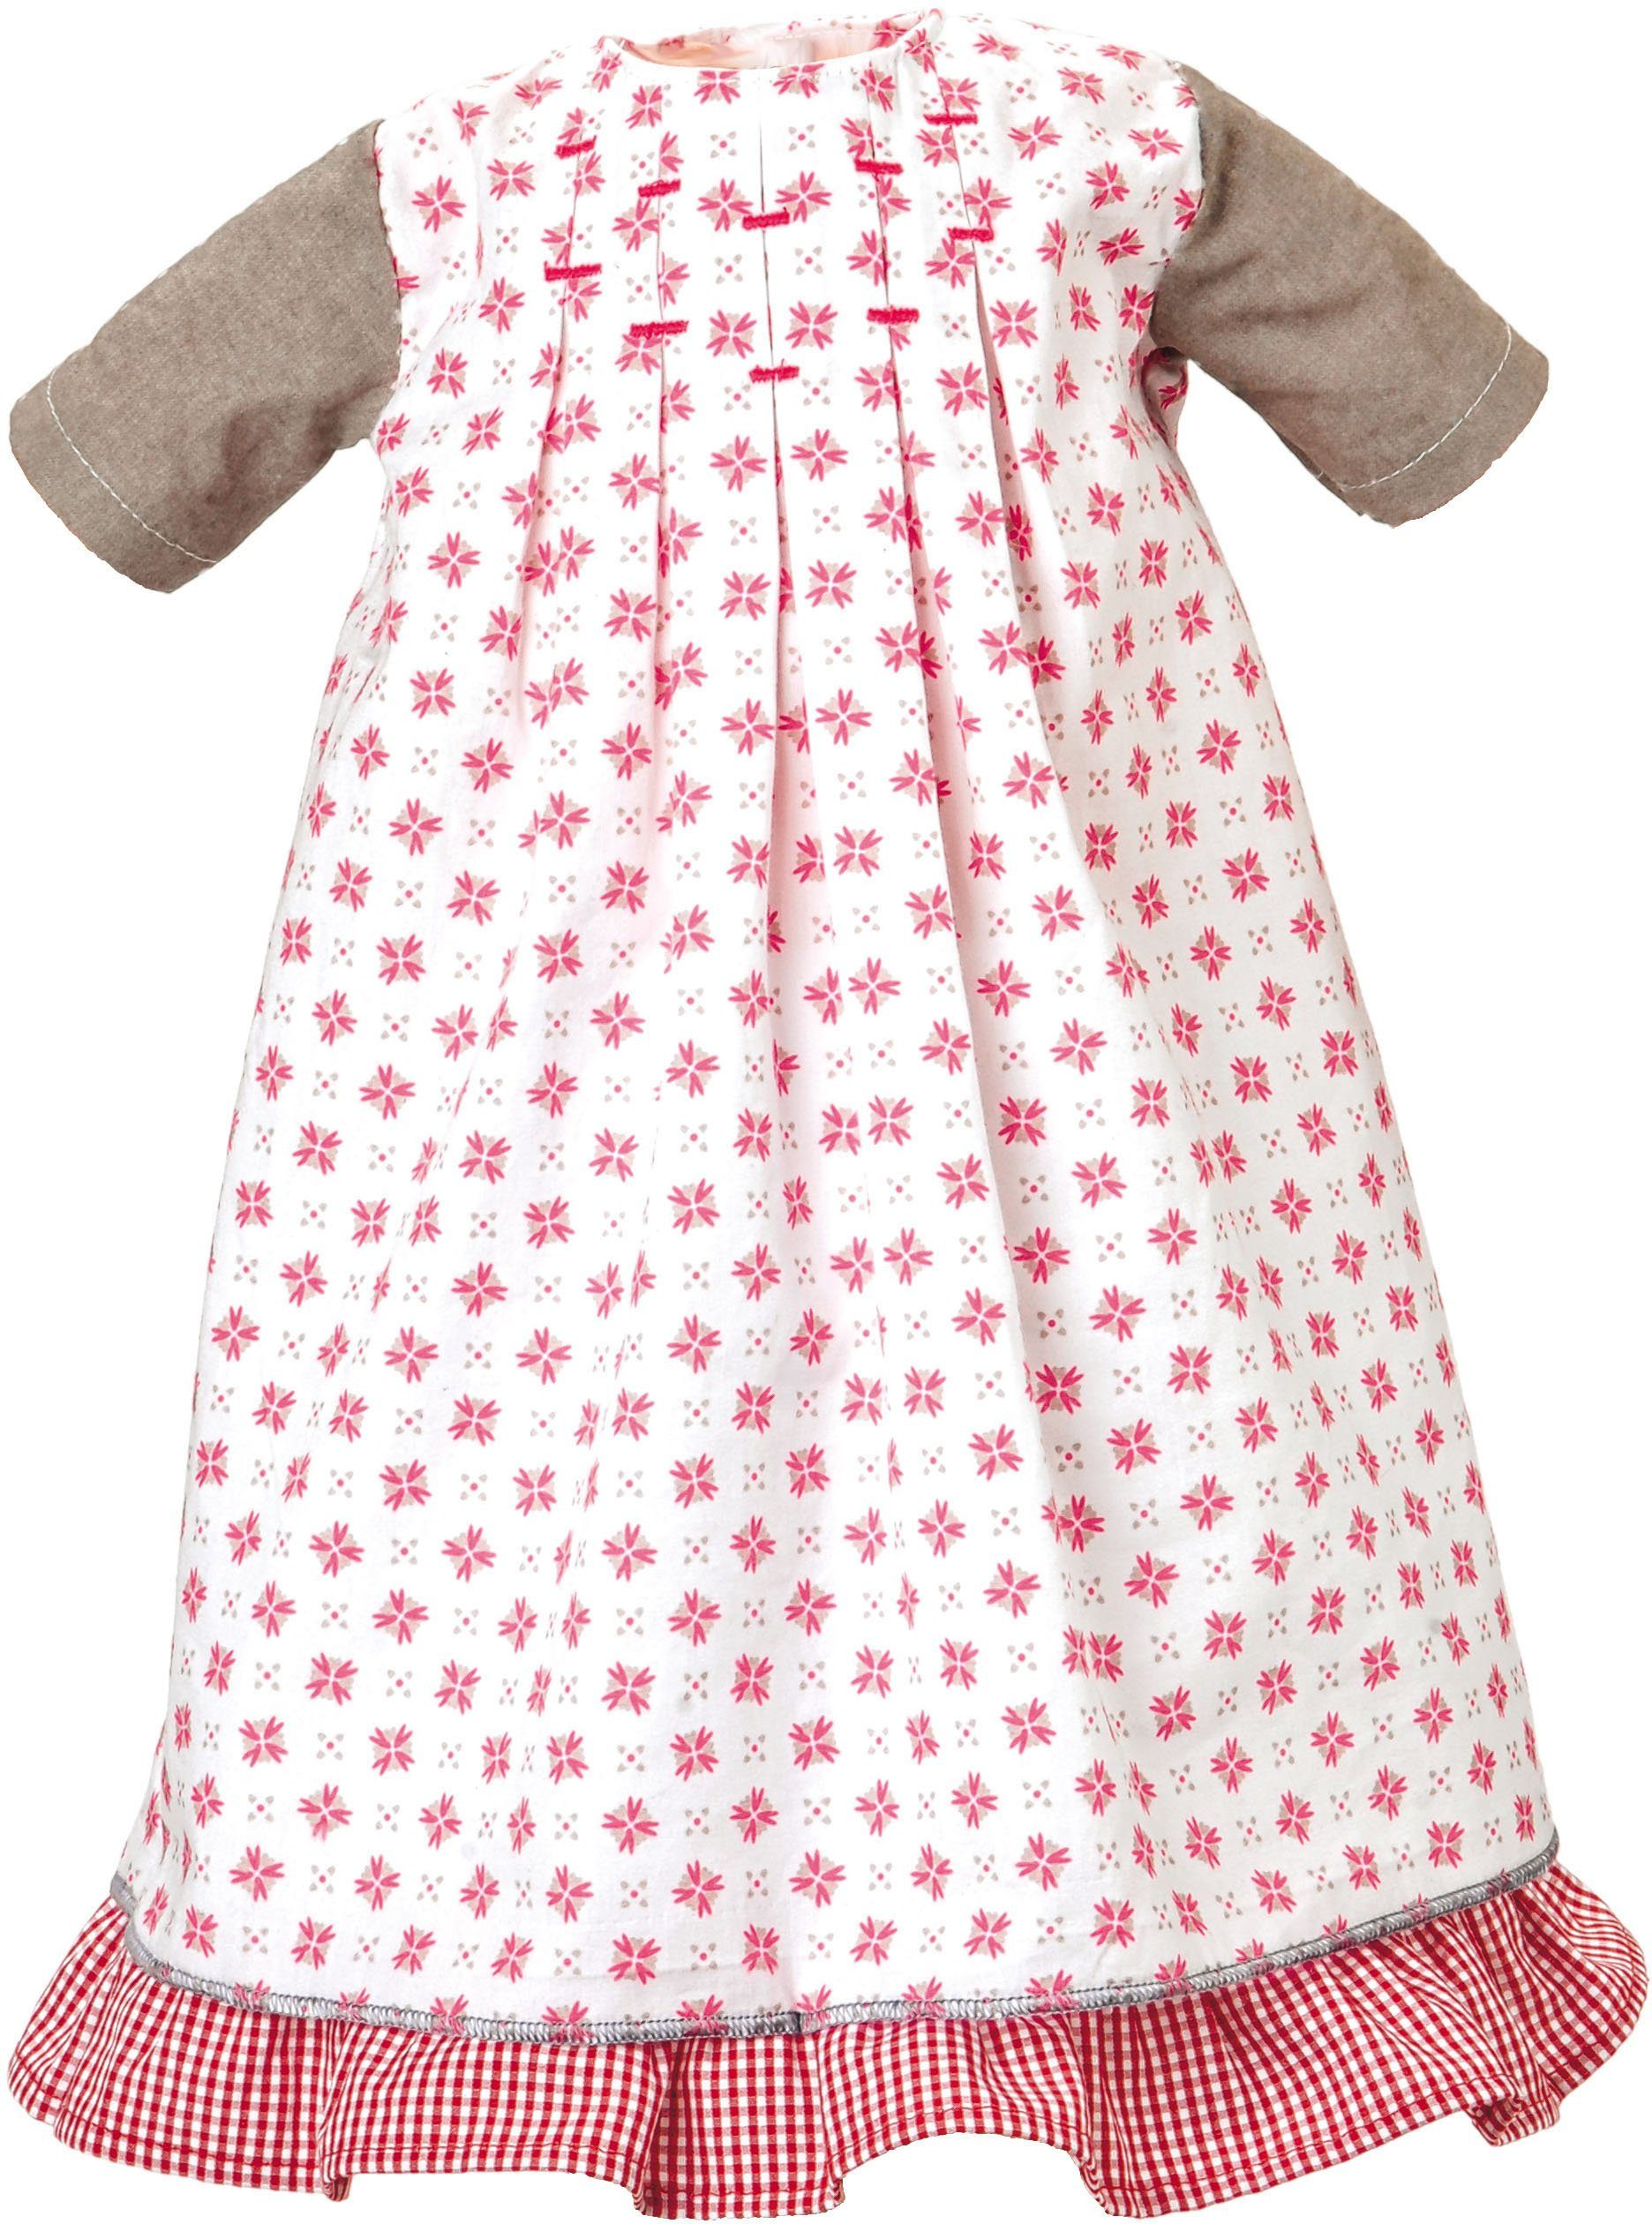 Käthe Kruse Puppenbekleidung, Größe 52-56 cm, »Kleid weiß-rot mit Unterrock«